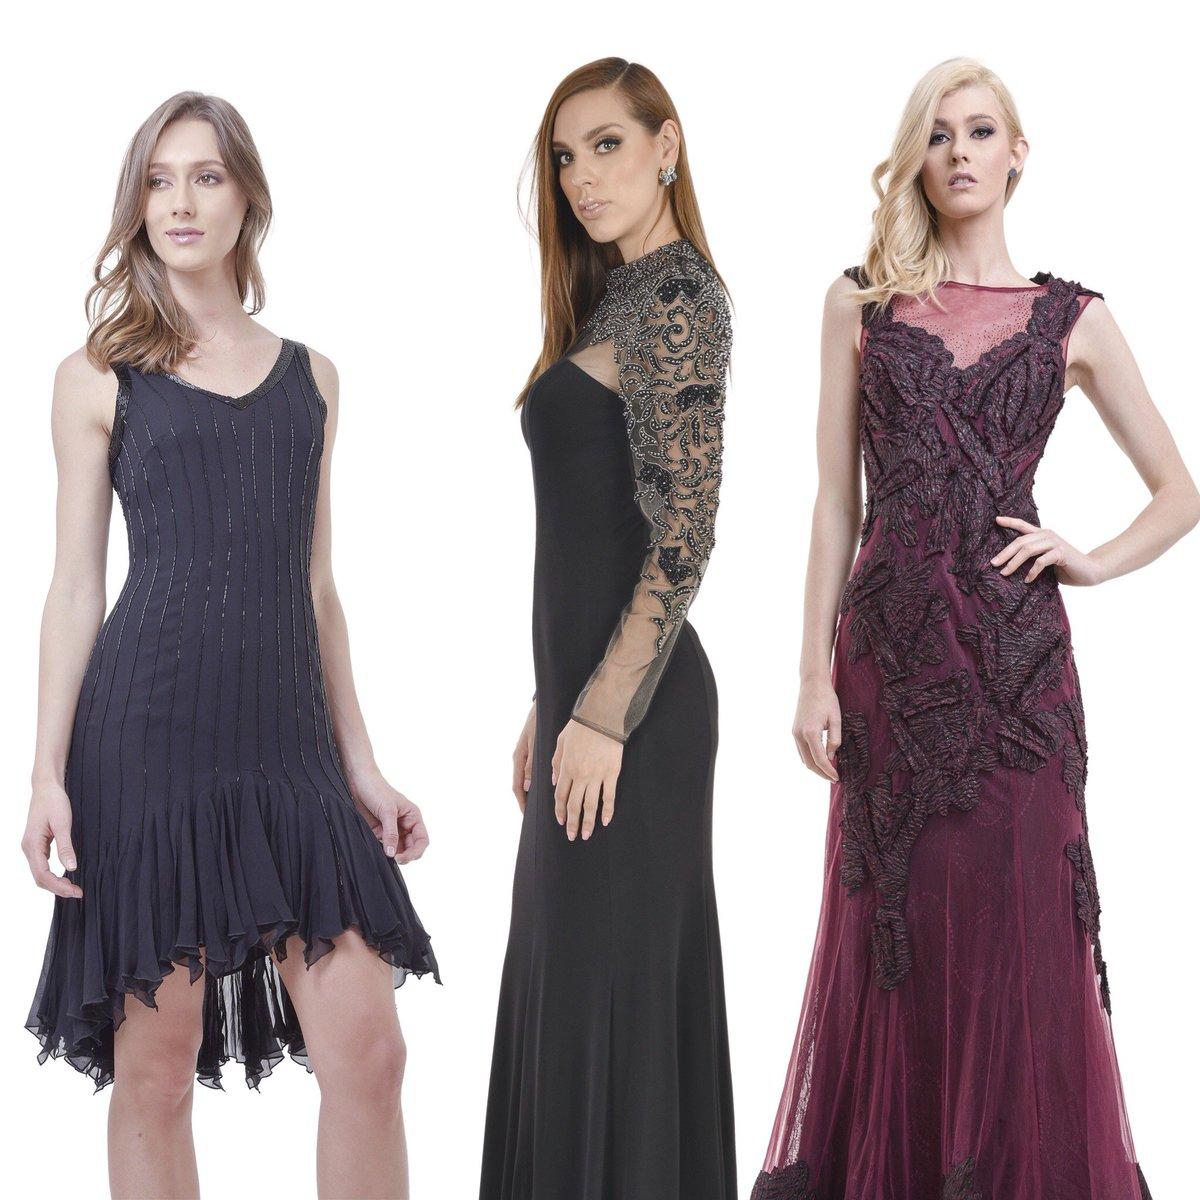 El #vestido perfecto para ti seguro lo encuentras en #Closé. #seenowbuynow #dressinstyle #ropademujer #shopthelook https://t.co/WT4nKnGGYz